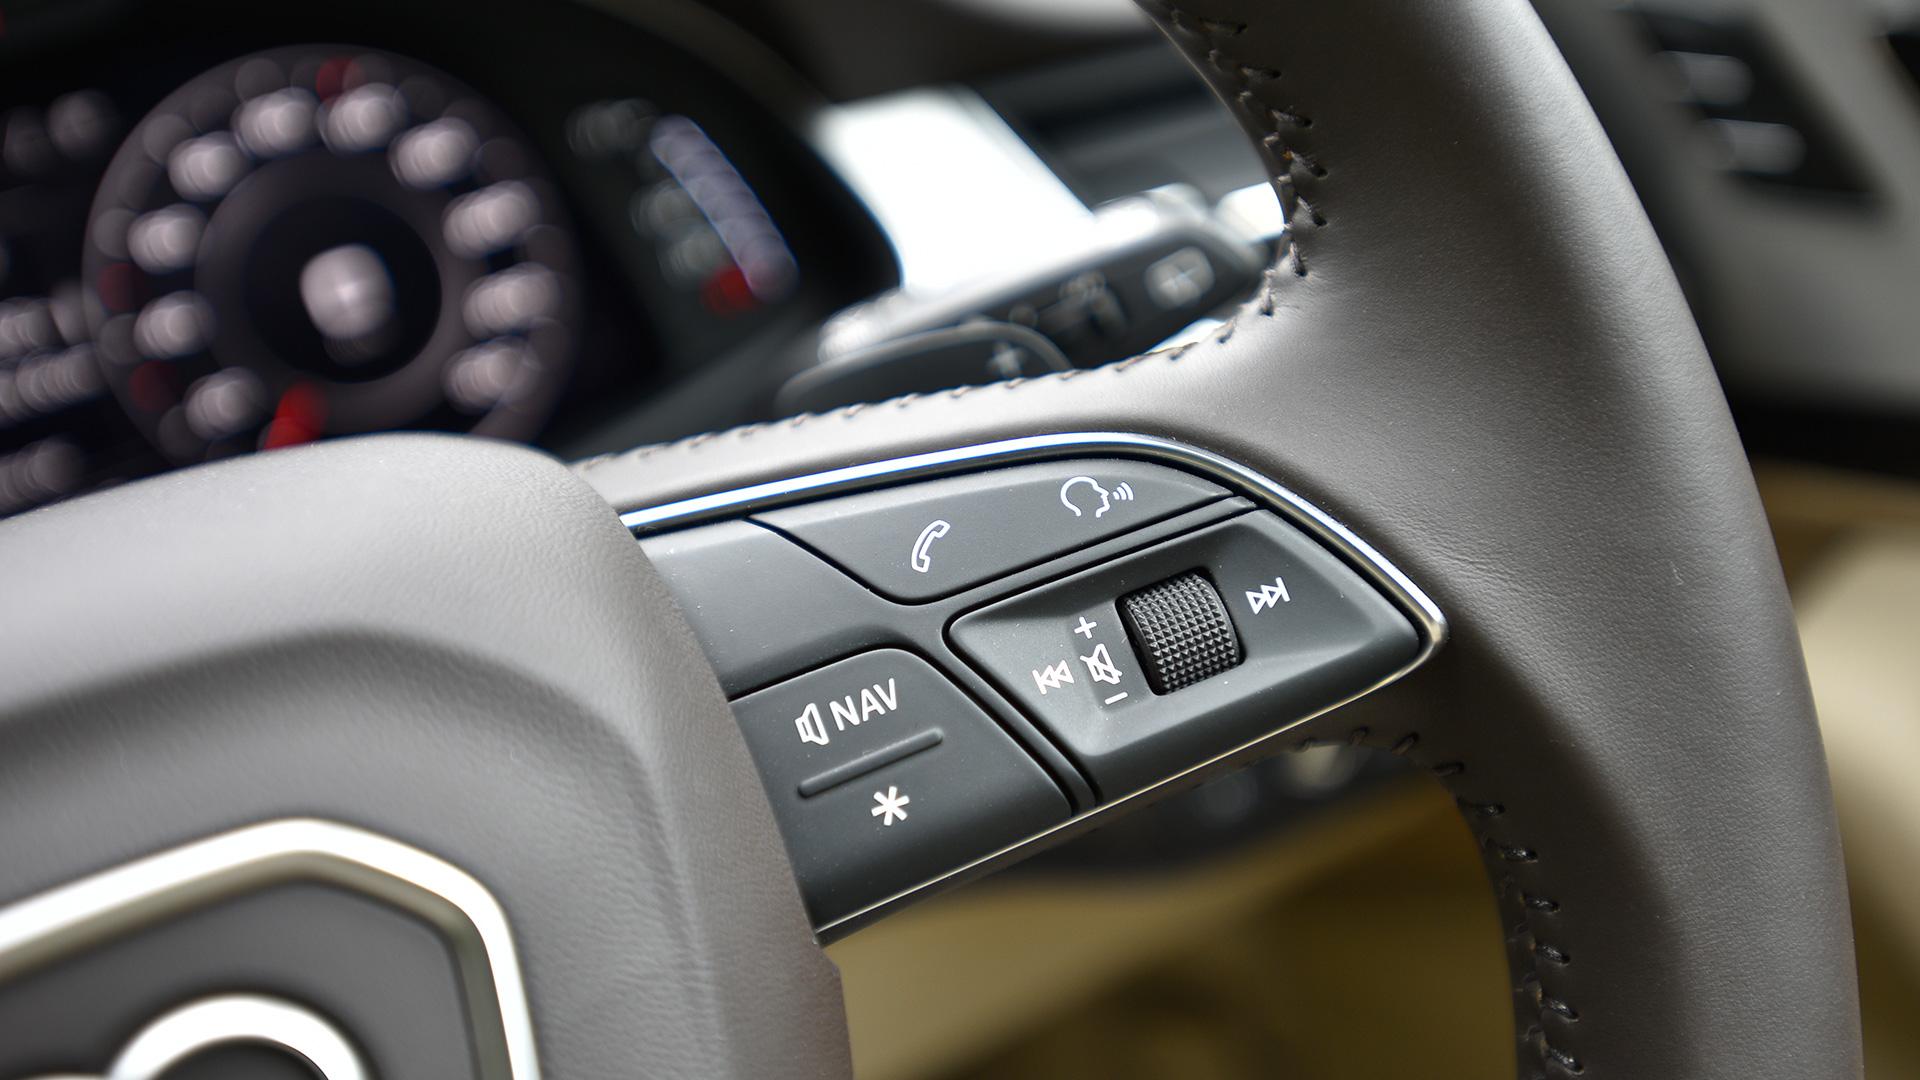 Audi Q7 2017 40 TFSI Premium Plus Interior